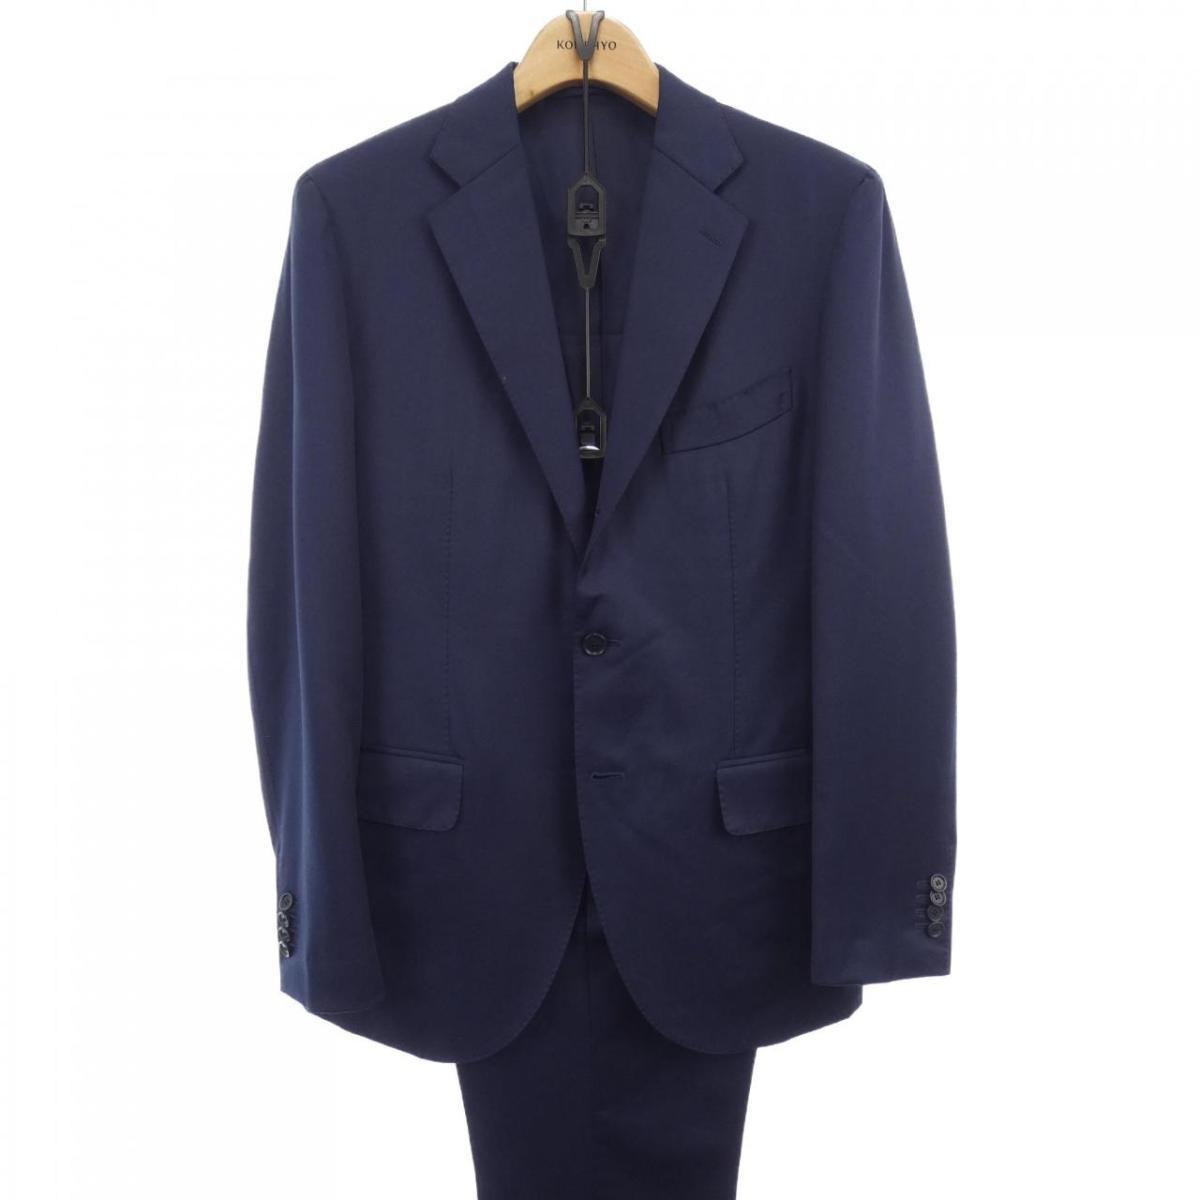 ストラスブルゴ 年末年始大決算 格安SALEスタート STRASBURGO 中古 スーツ